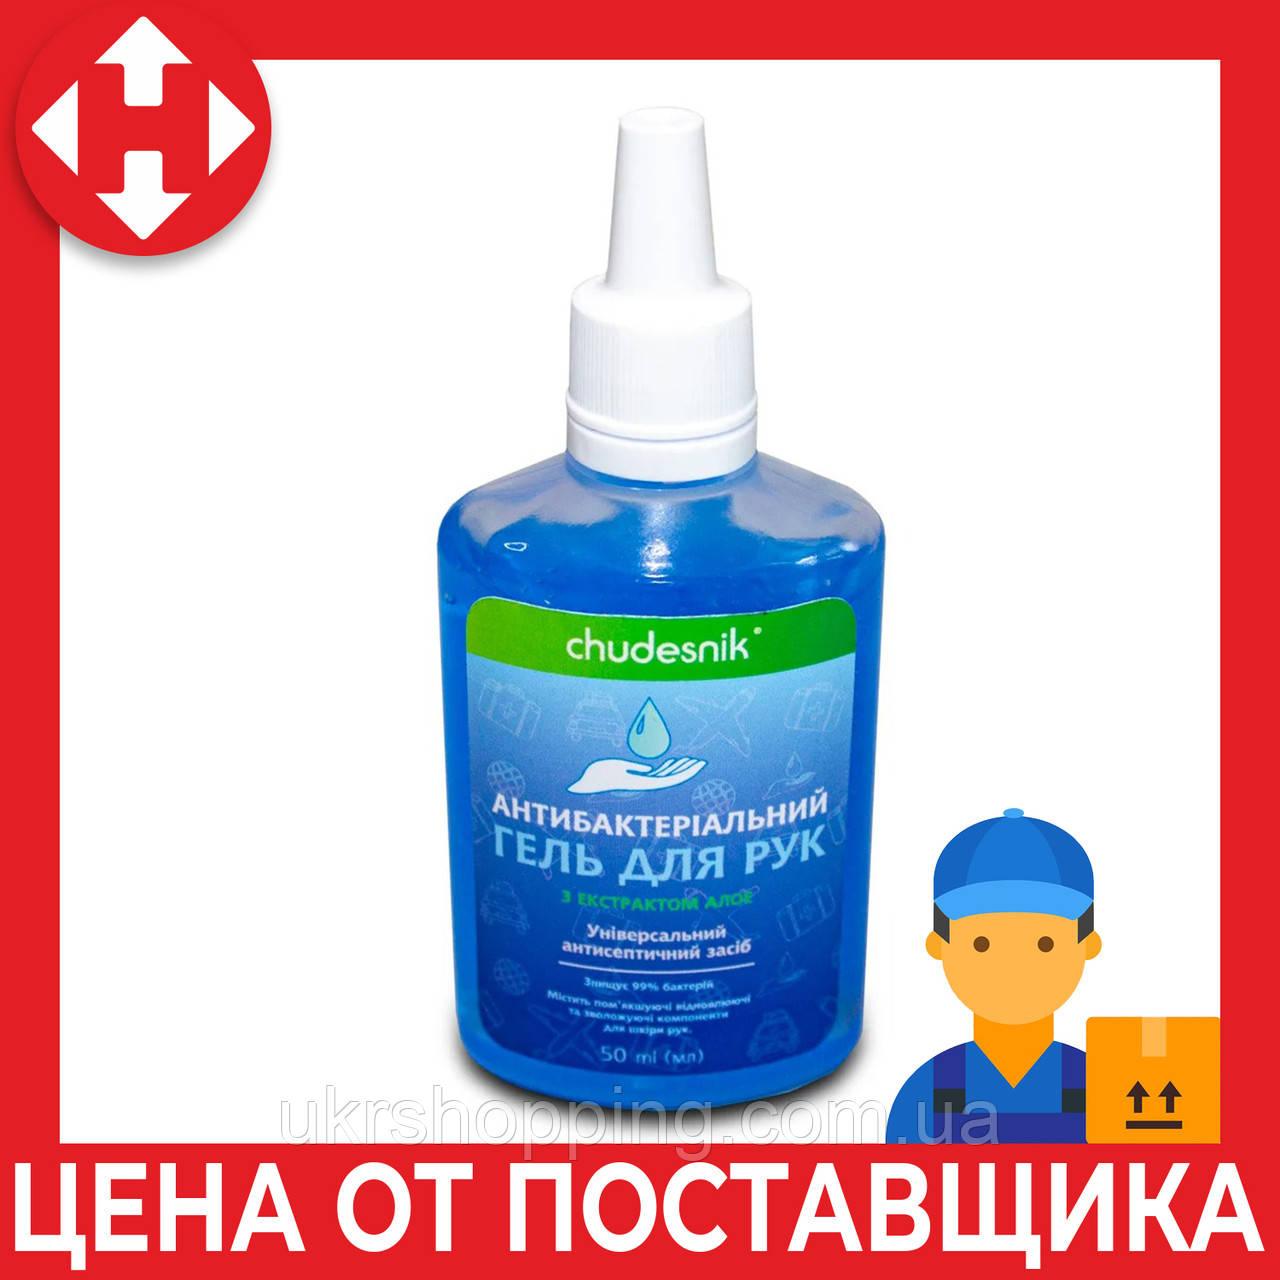 Распродажа! Кожный спиртовой антисептик, антибактериальный гель для рук - обеззараживатель Чудесник 50 мл